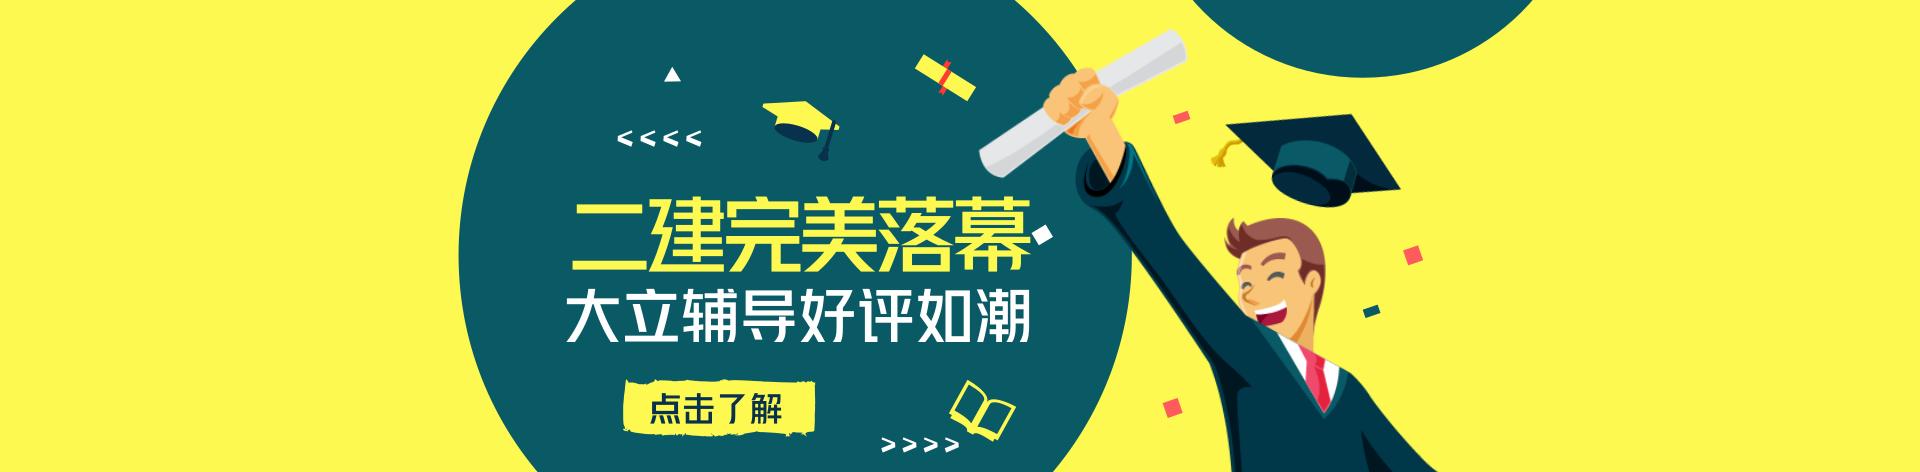 大立教育河南郑州培训学校